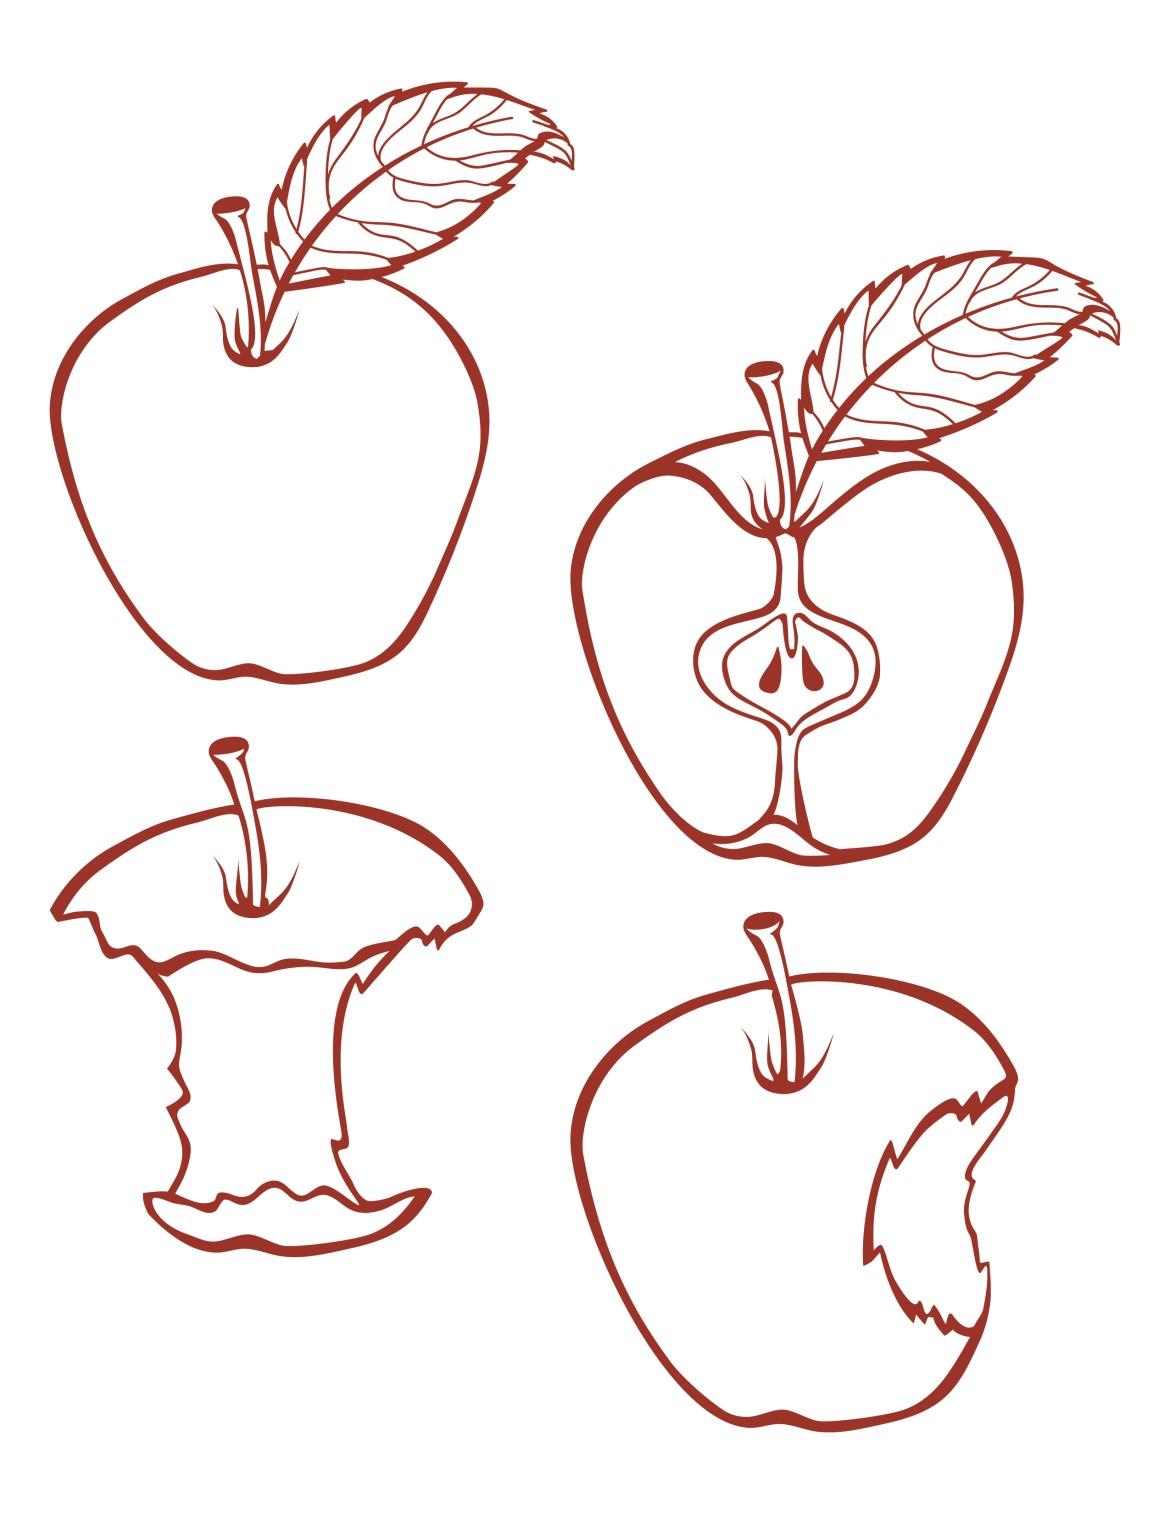 En l'honneur du iphone 7 de apple, voici une pomme